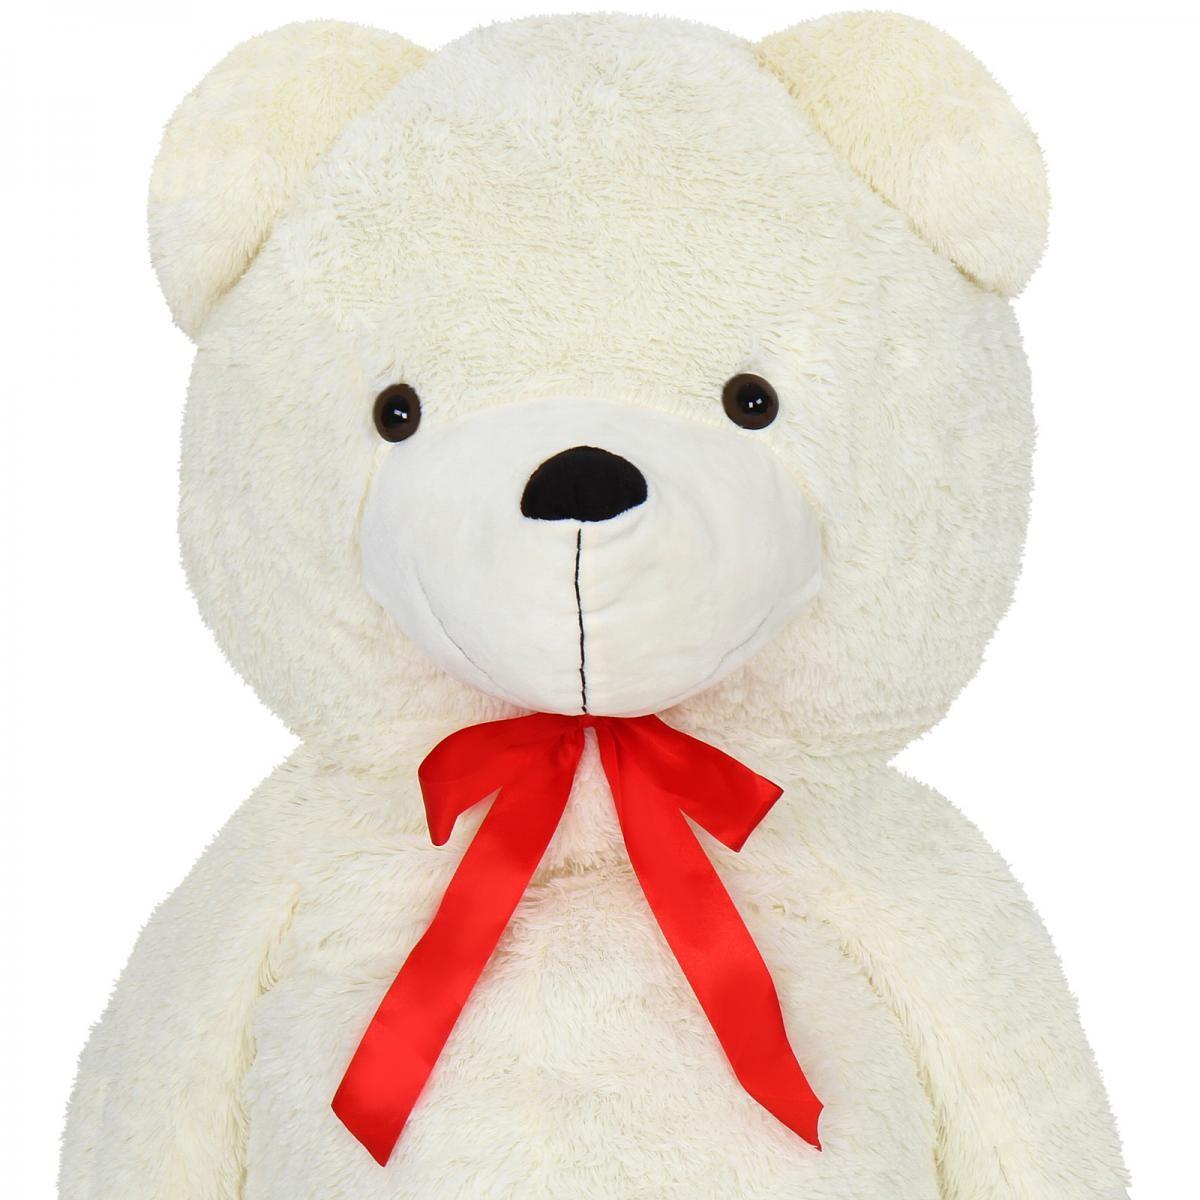 Charmant Teddybär Färbung Seite Bilder - Beispiel Wiederaufnahme ...